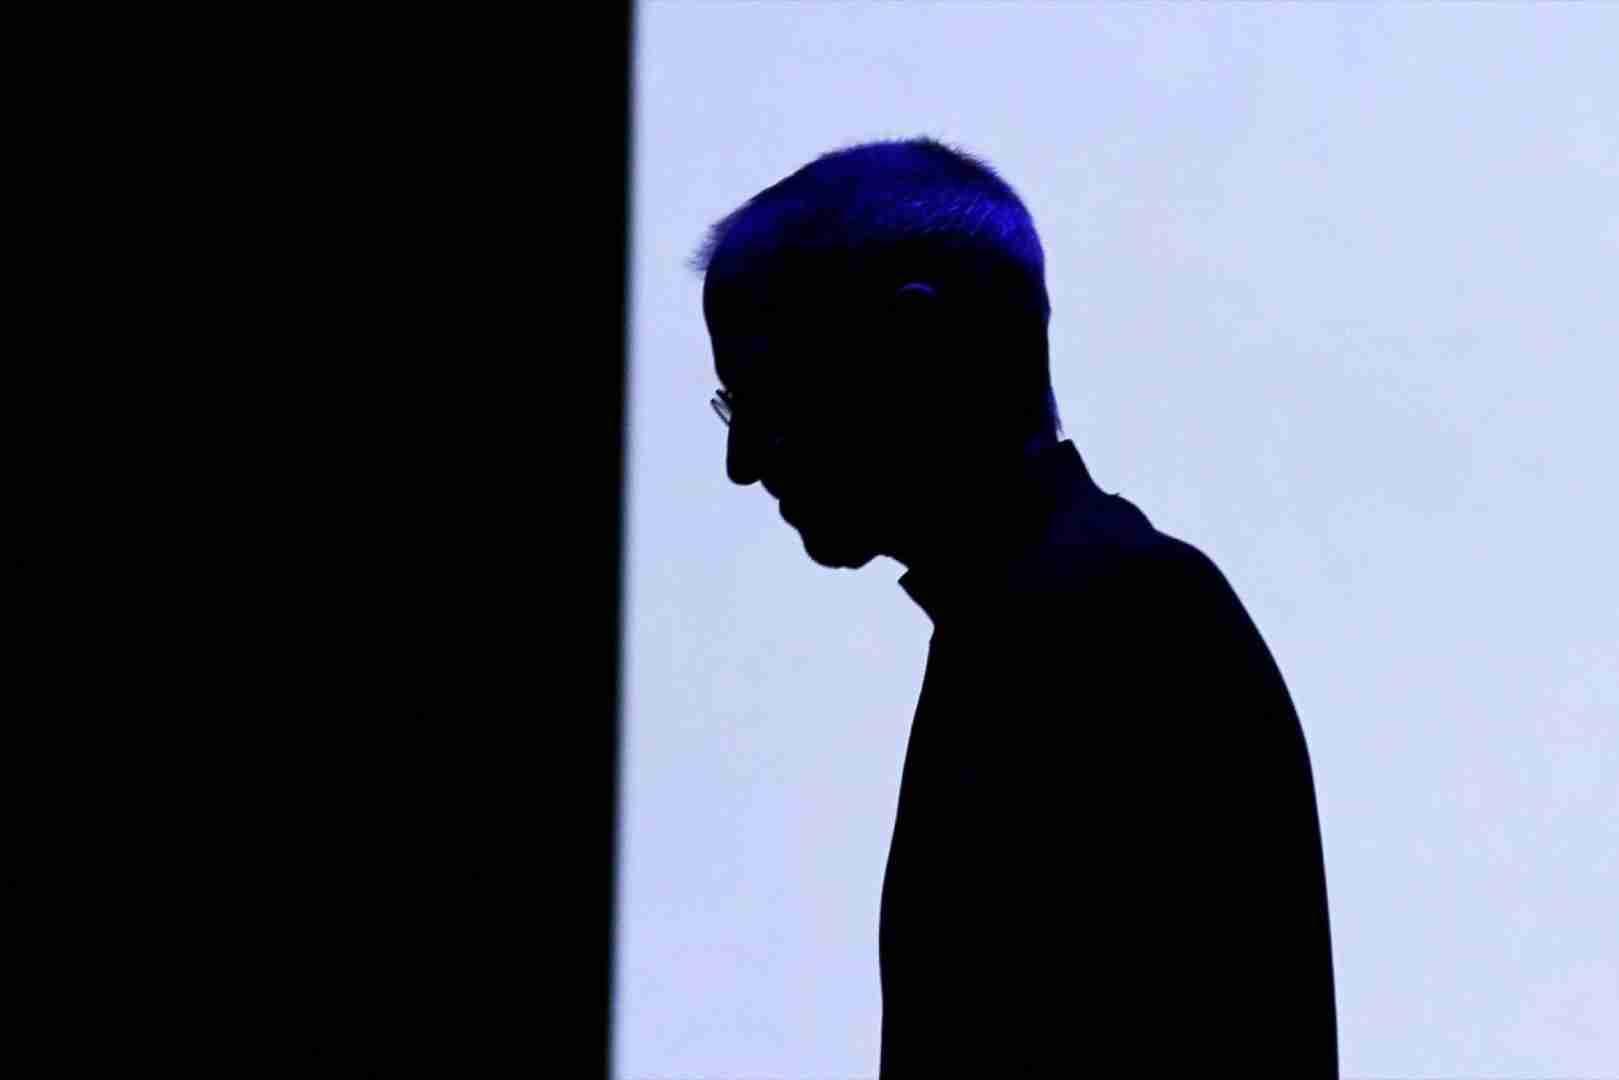 史蒂夫·乔布斯 (Steve Jobs) 会在马克·扎克伯格 (Mark Zuckerberg) 的鞋子上做什么?